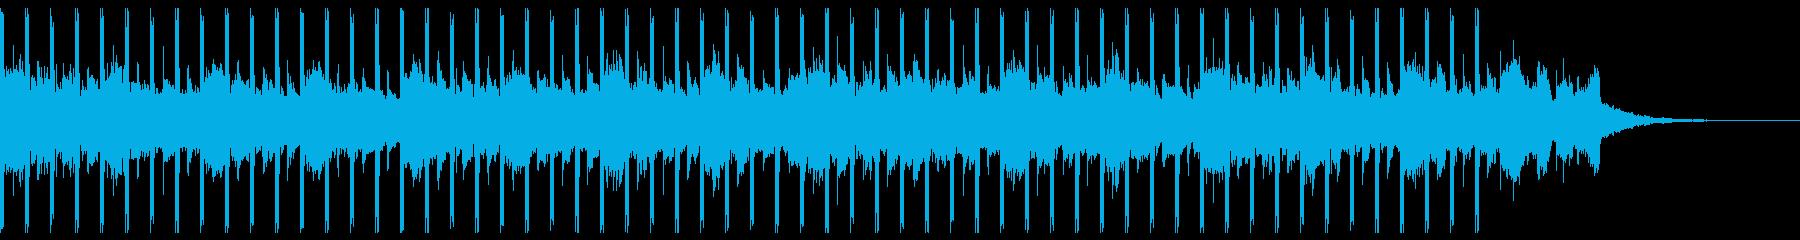 マーケティング(30秒)の再生済みの波形